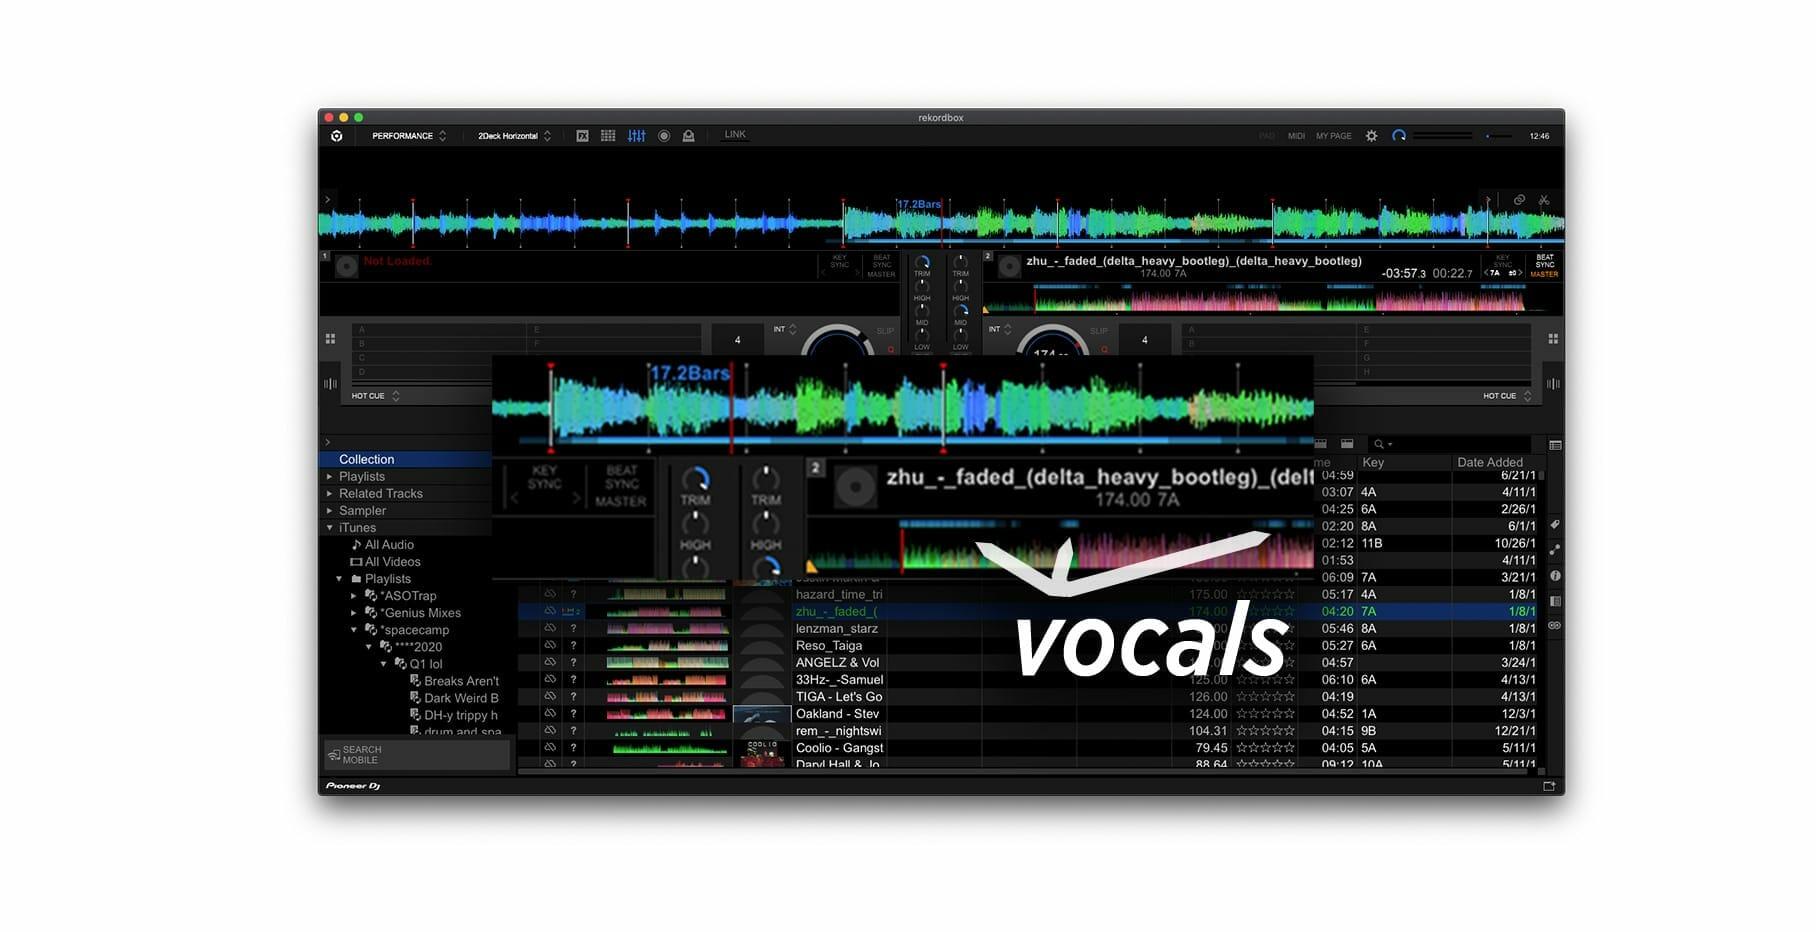 Rekordbox 6.0.1 detecta dónde están las voces en las pistas, agrega Auto Upload, soporte para Beatsource LINK 9